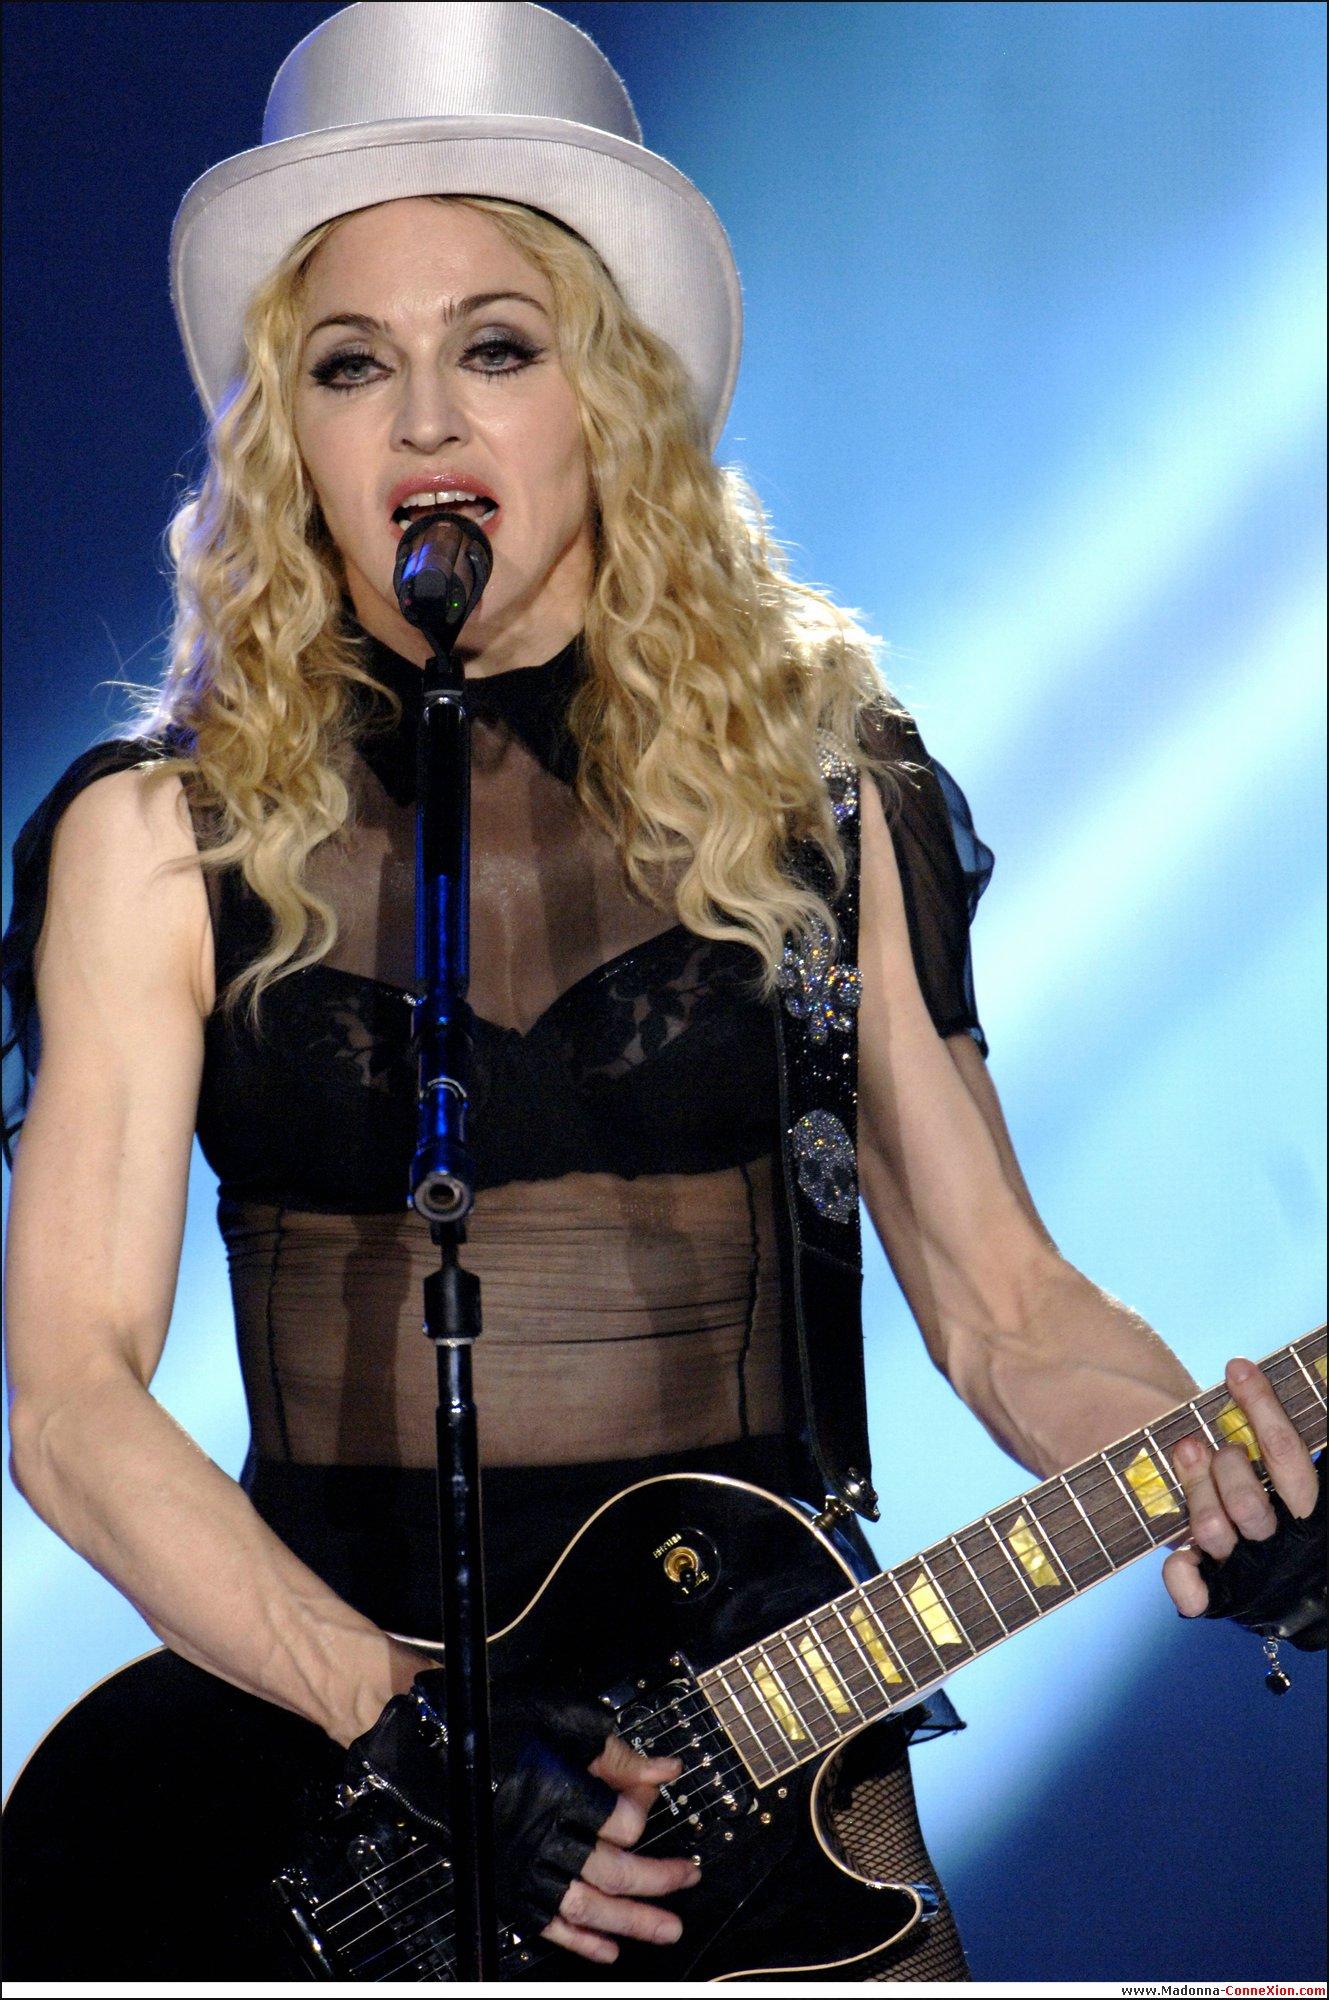 МАДОННА (Madonna) биография, история успеха 12